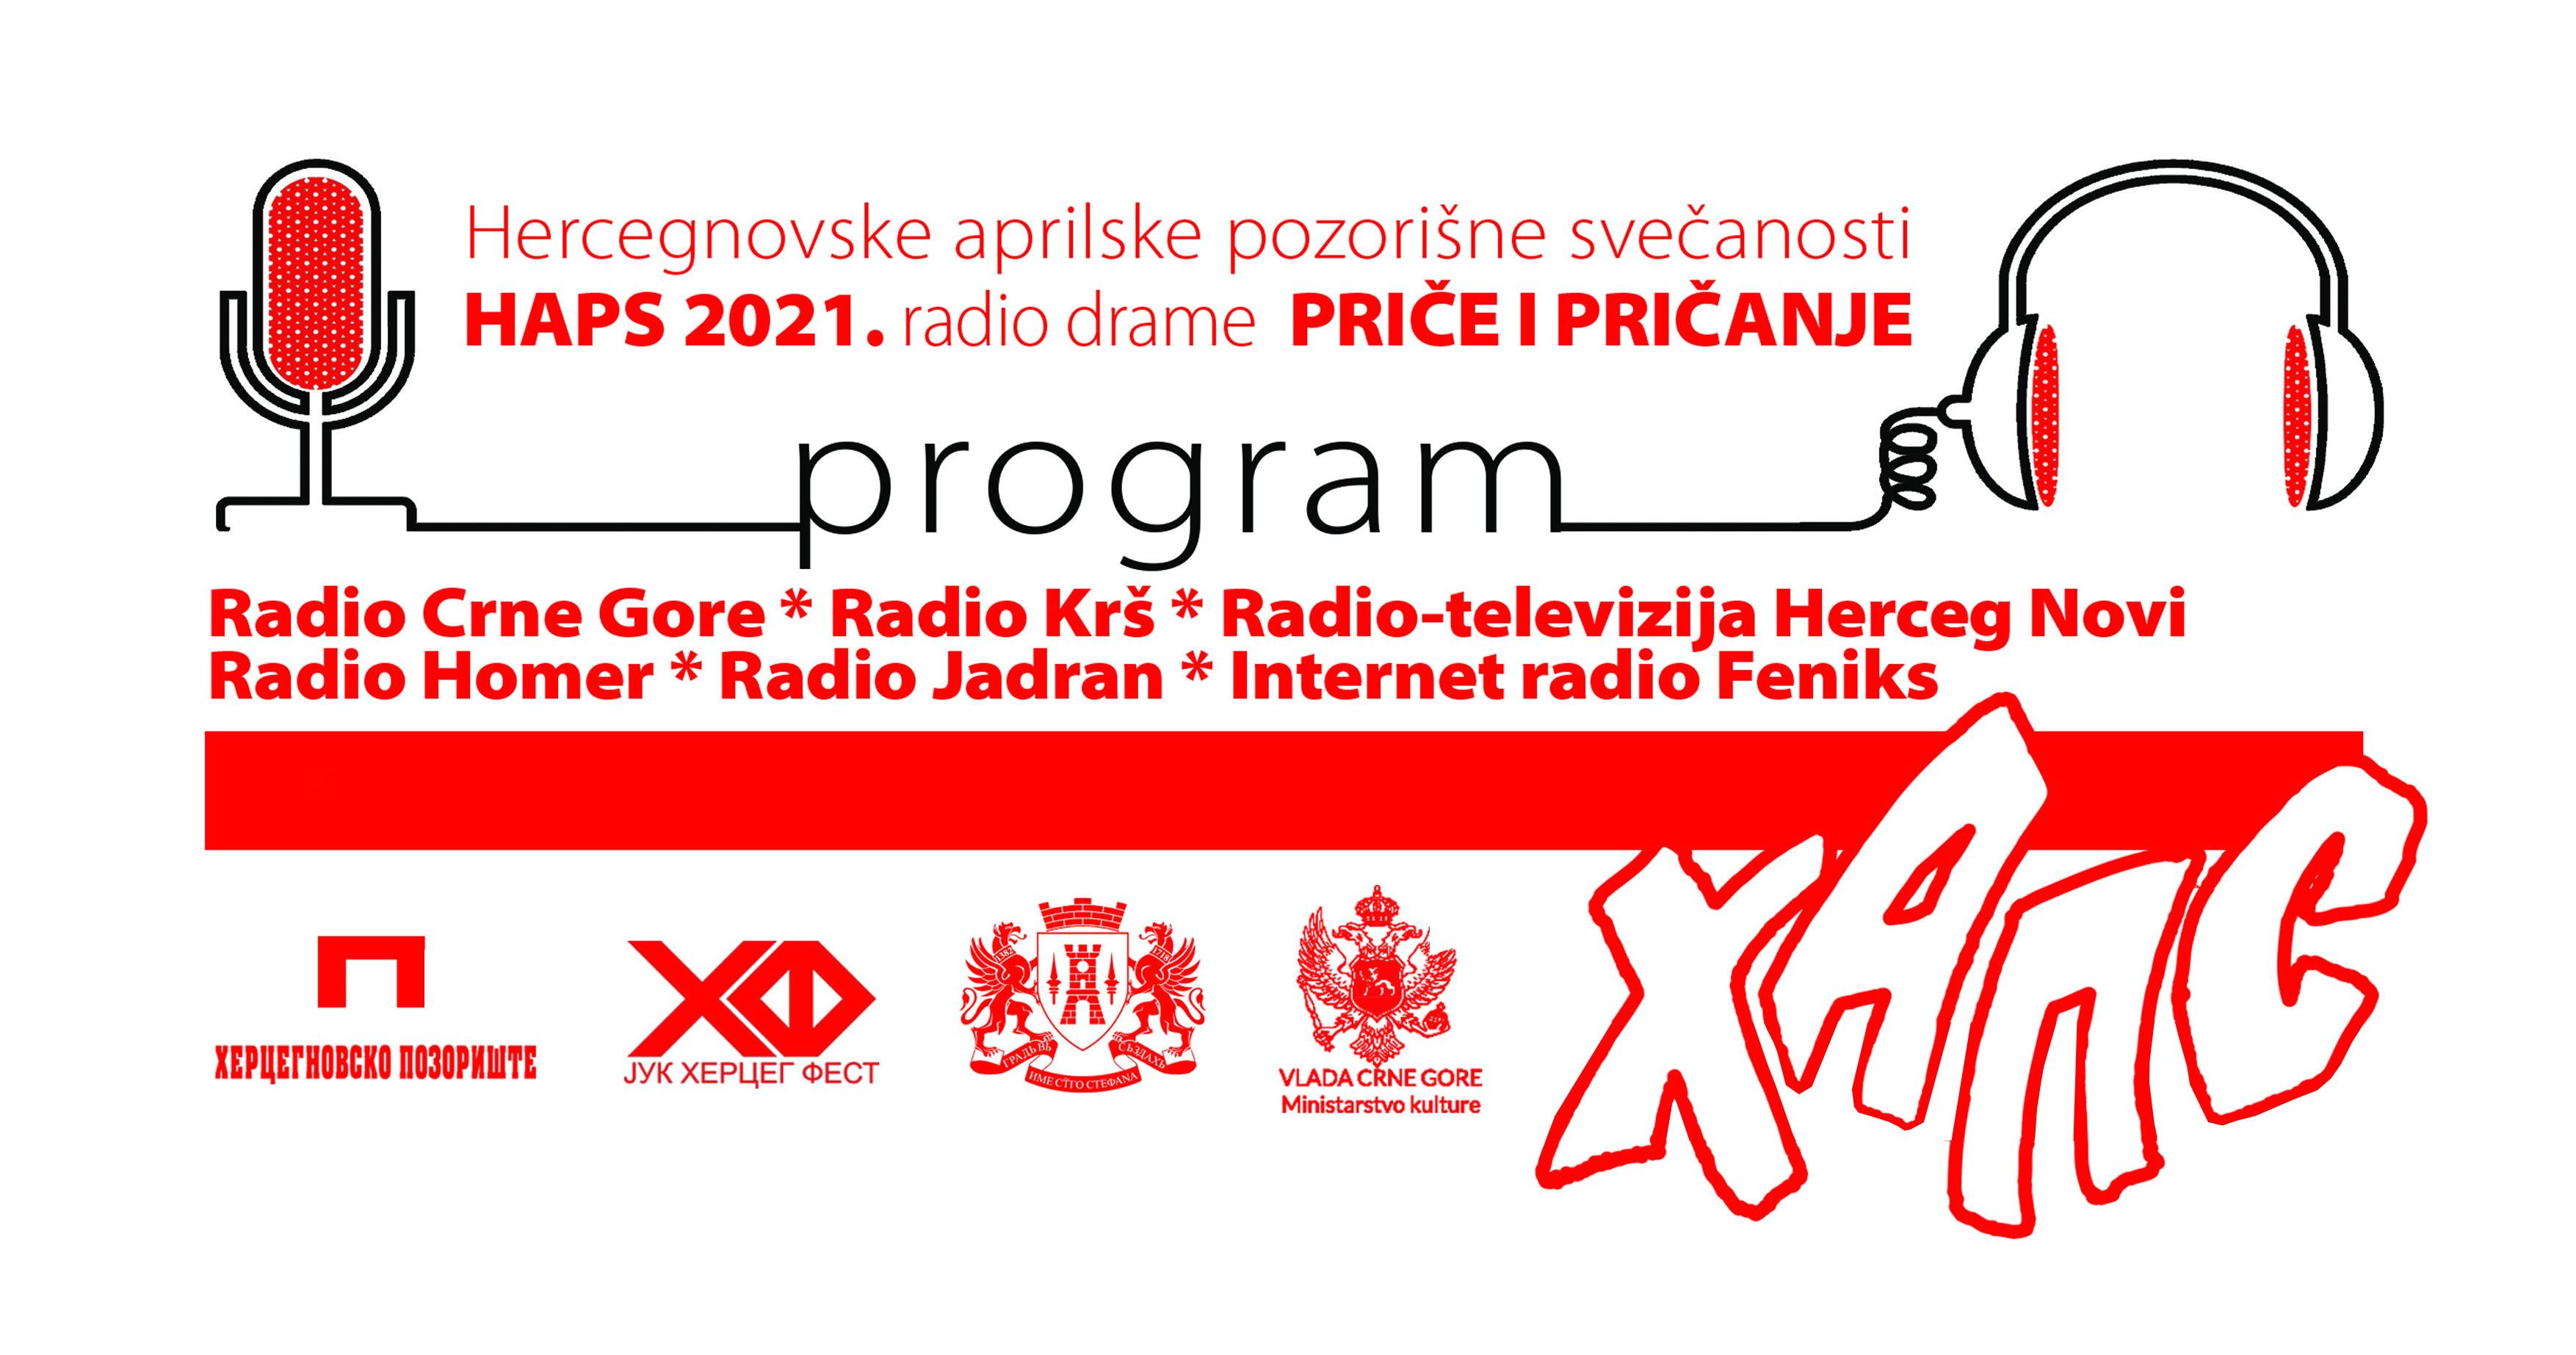 """Radio drama """"Galeb"""" na Hercegnovskim aprilskim pozorišnim svečanostima 2021."""